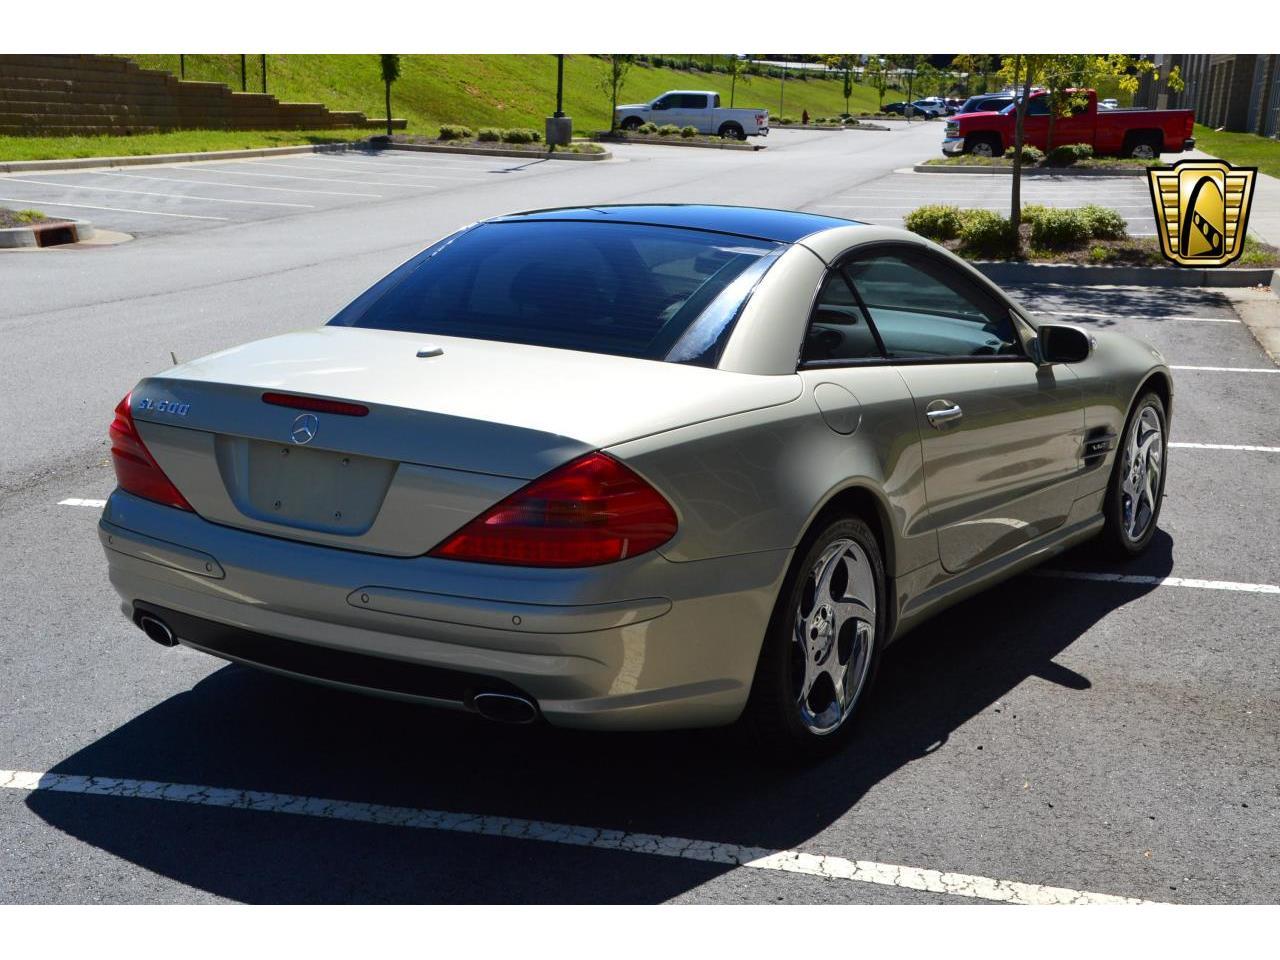 For Sale: 2004 Mercedes-Benz SL600 in Alpharetta, Georgia